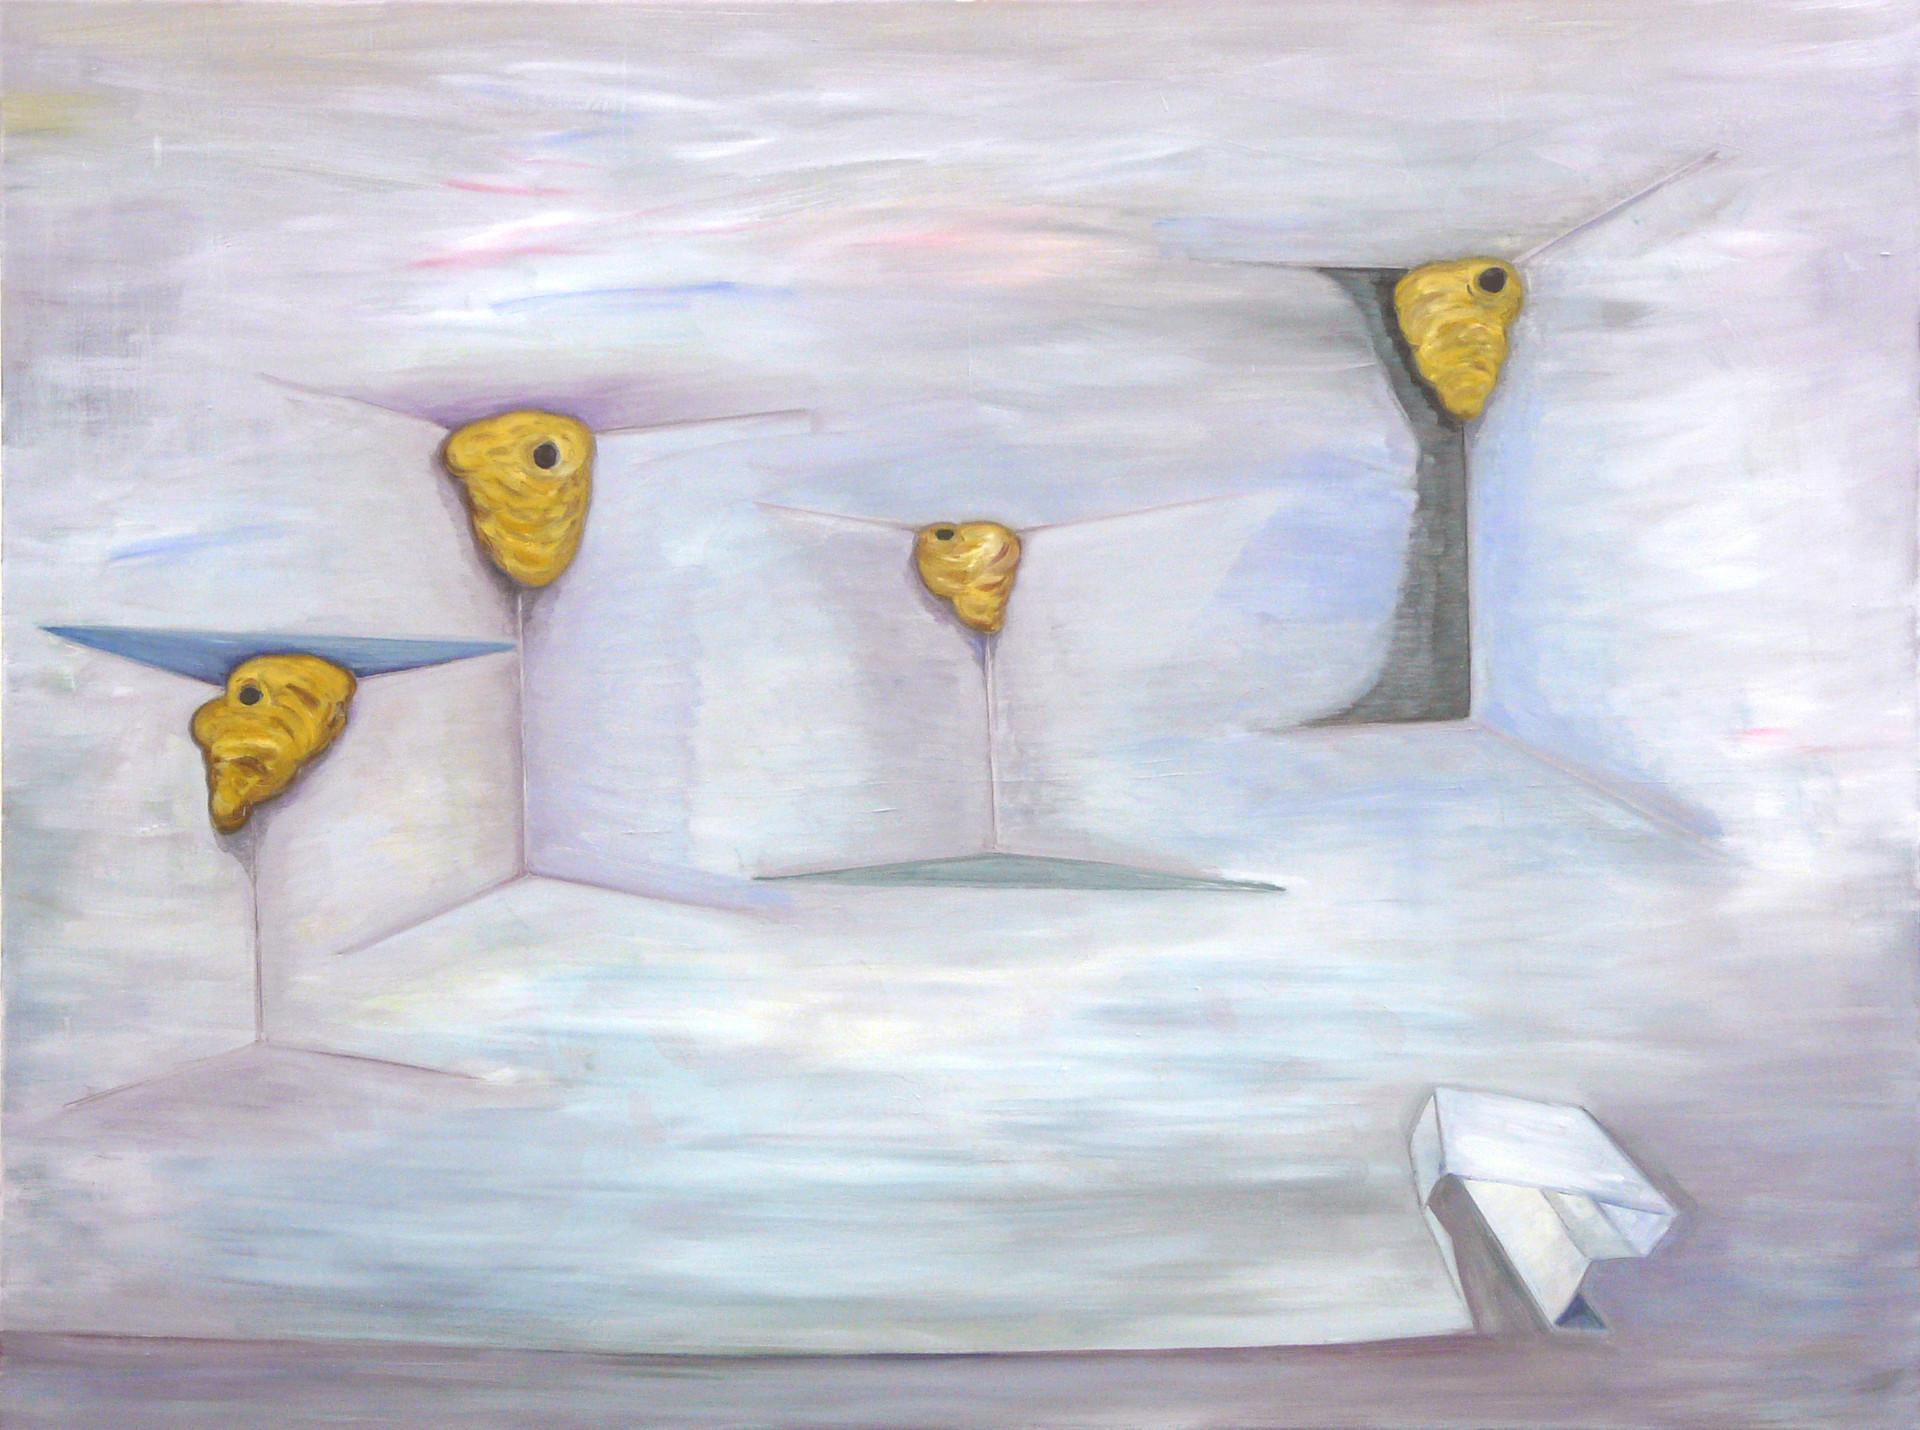 nestecken - 2008 - öl auf leinwand - 120 x 160 cm